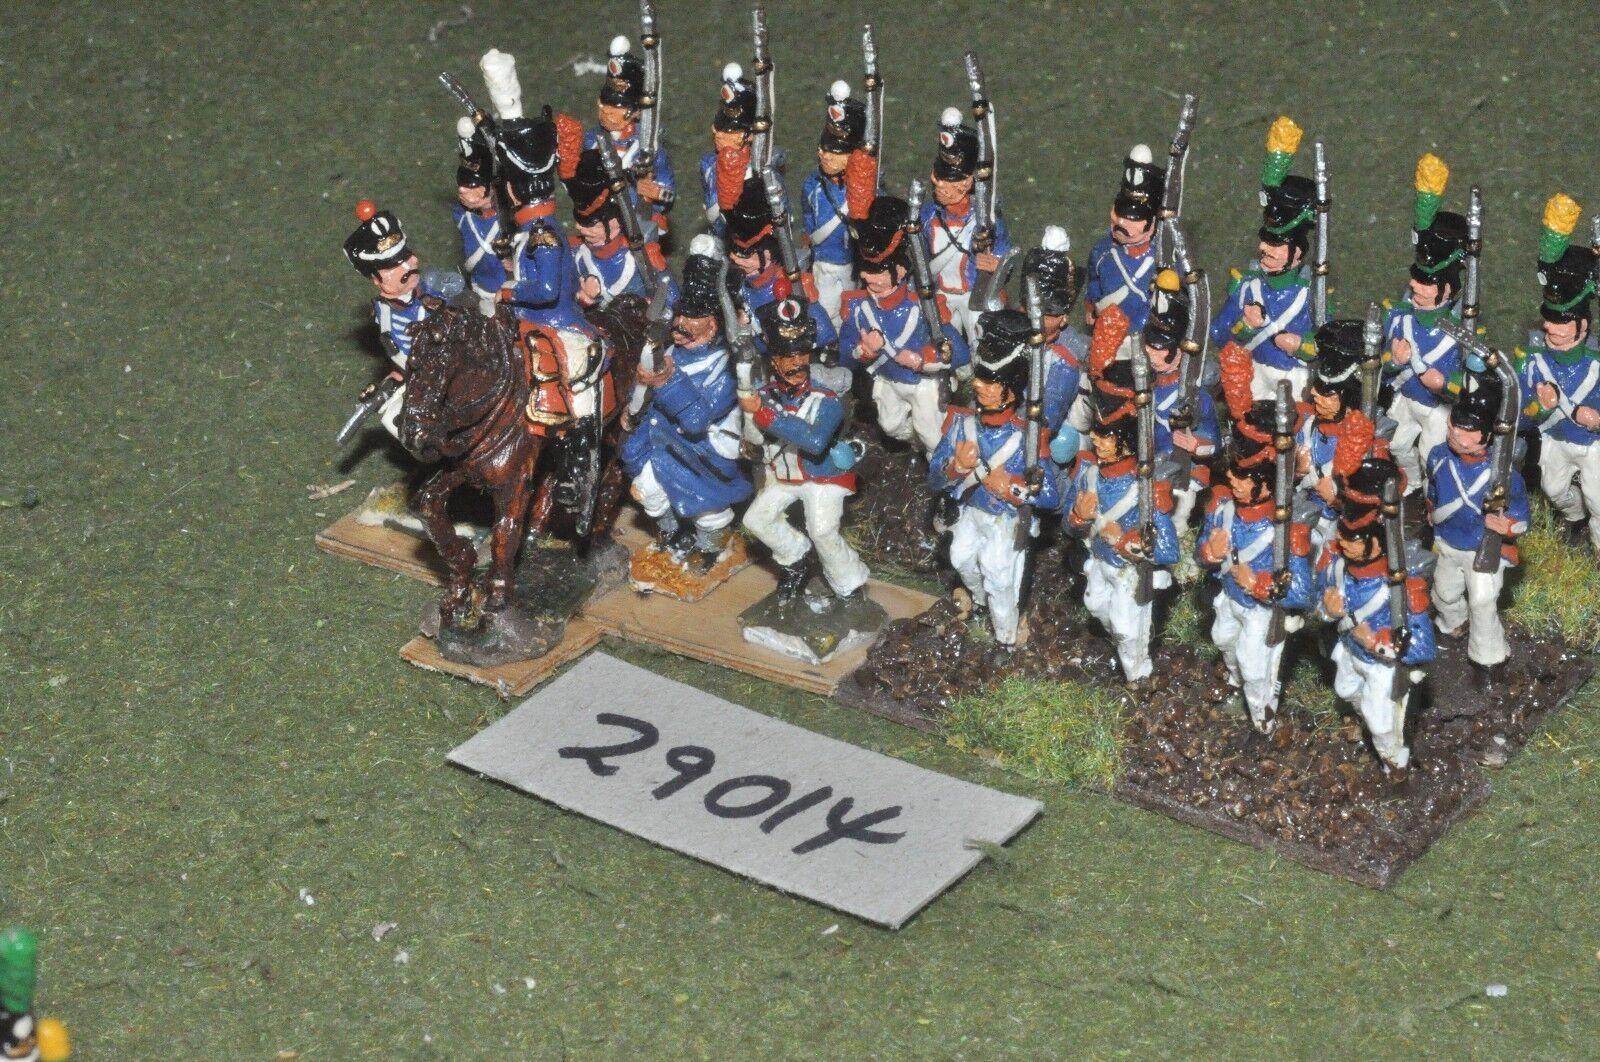 25mm napoleonischen   union - linie 24 zahlen - inf (29014)